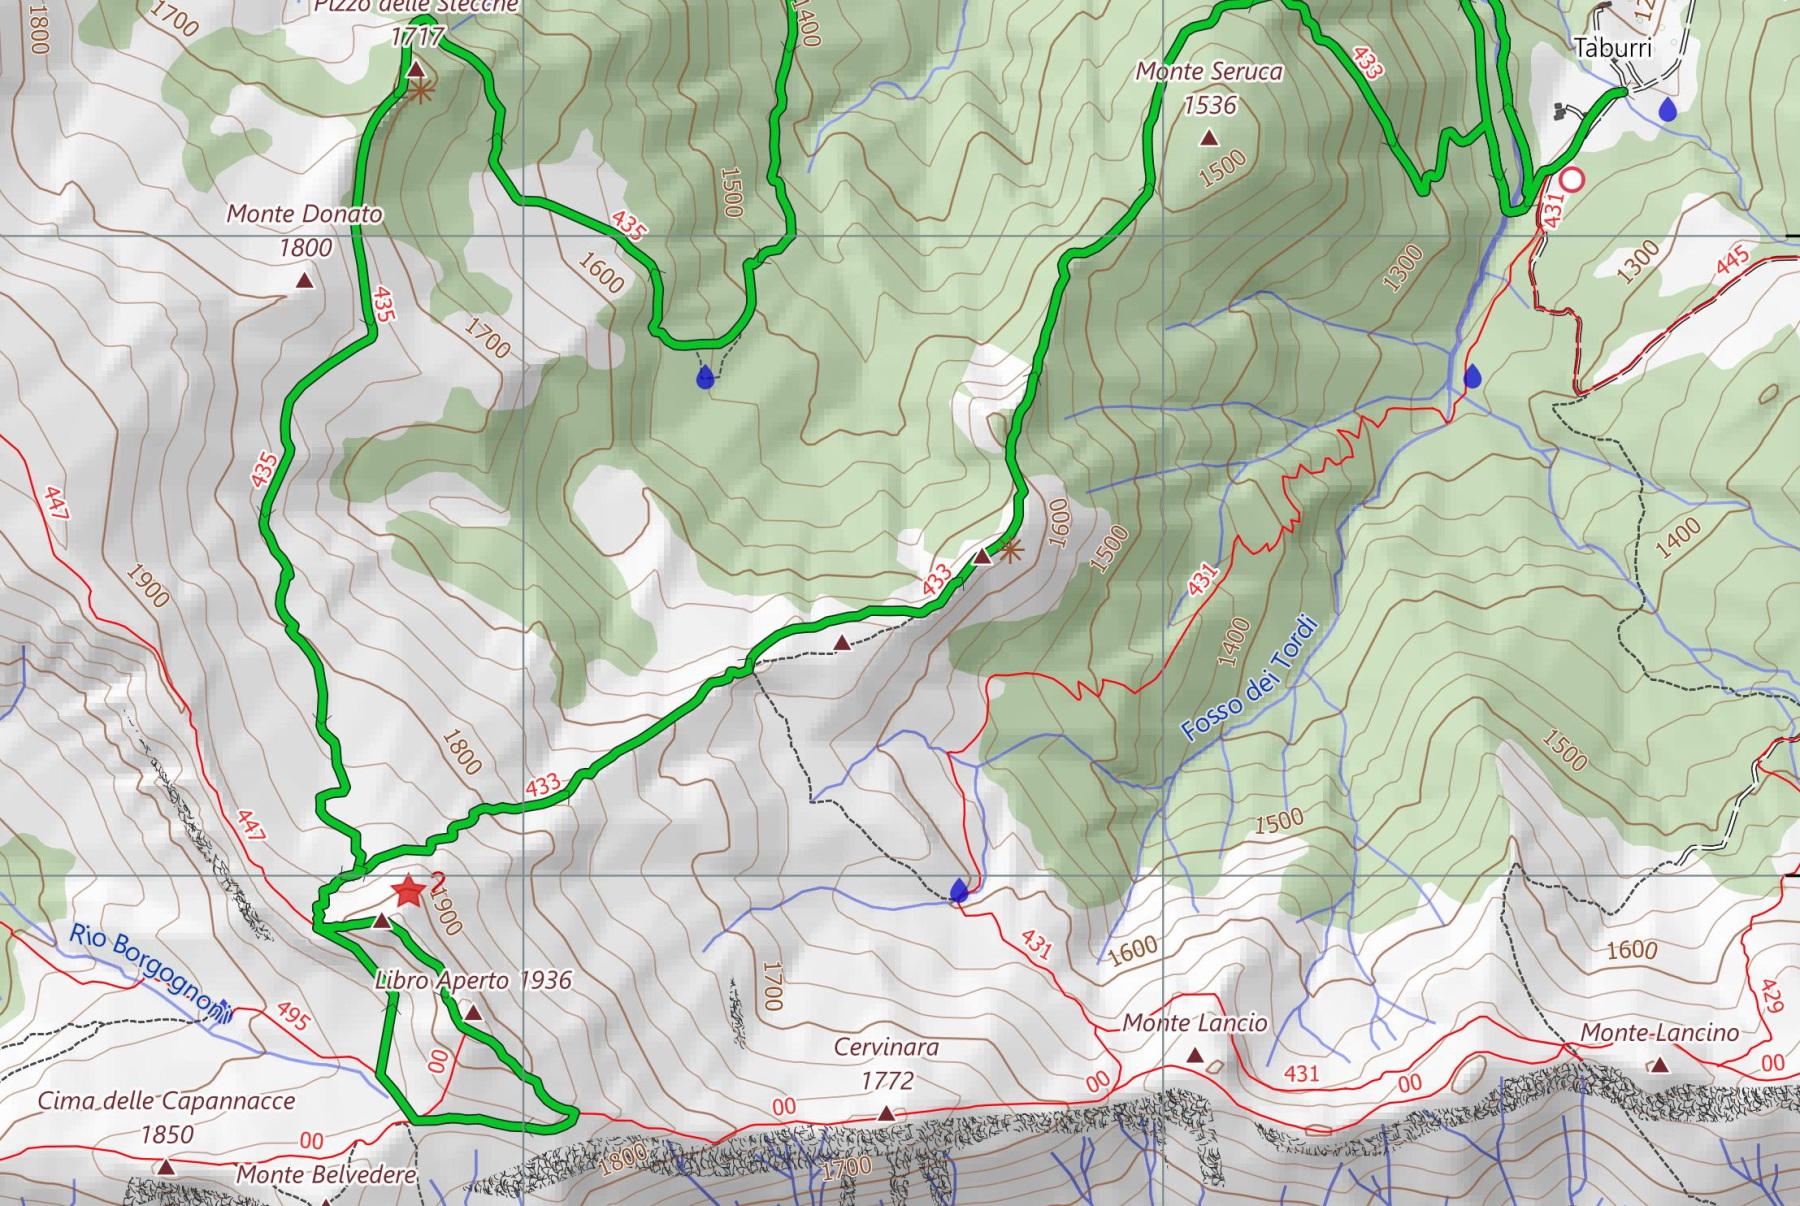 mappa itinerario taburri - libro aperto appennino modenese